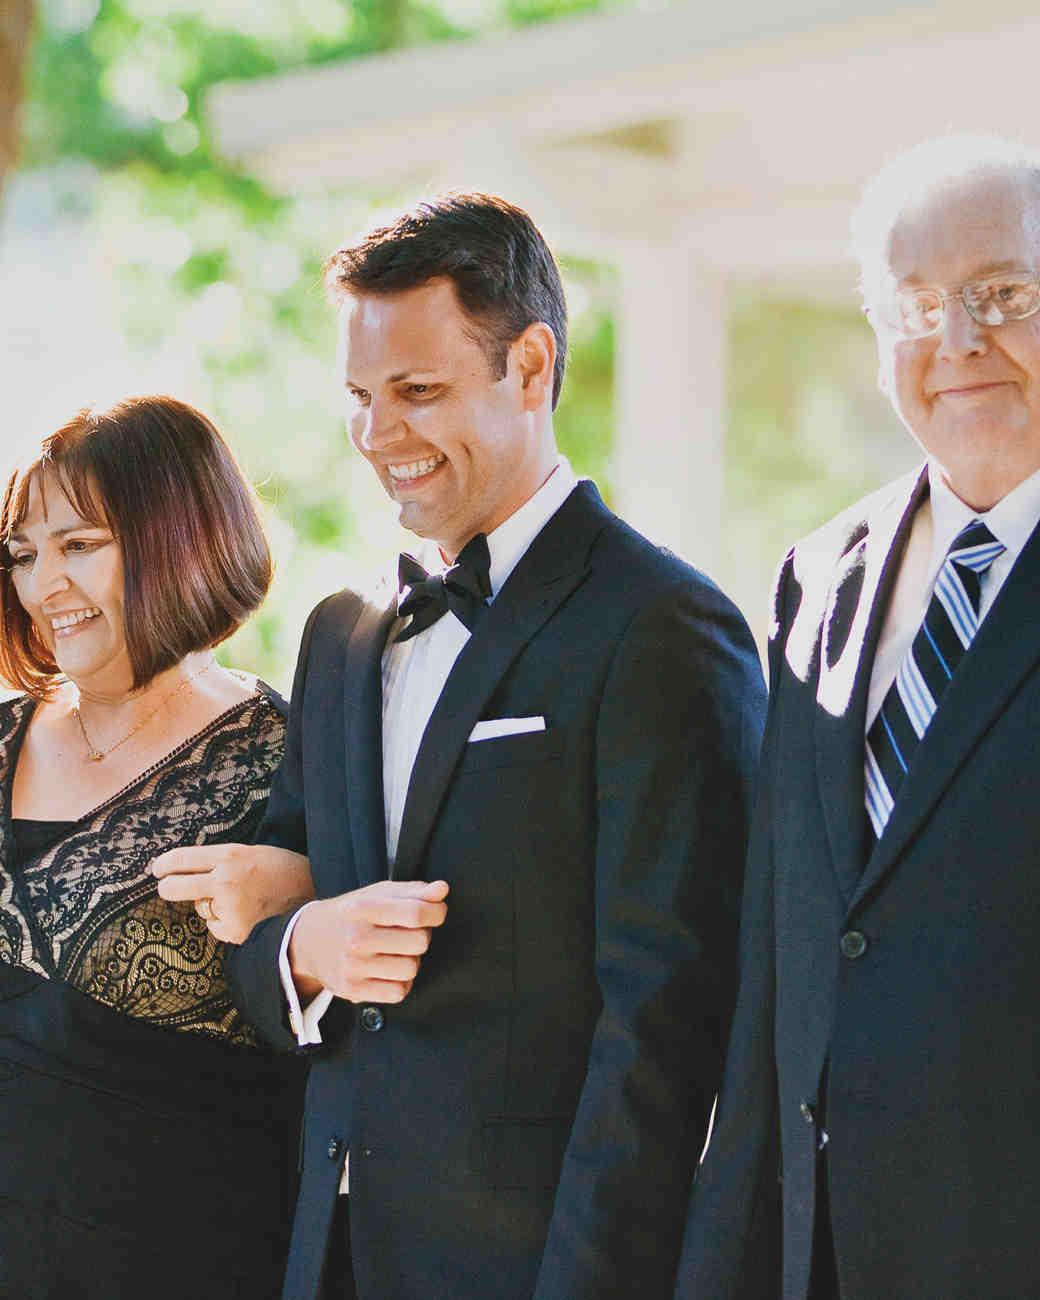 parents-mwds109988.jpg